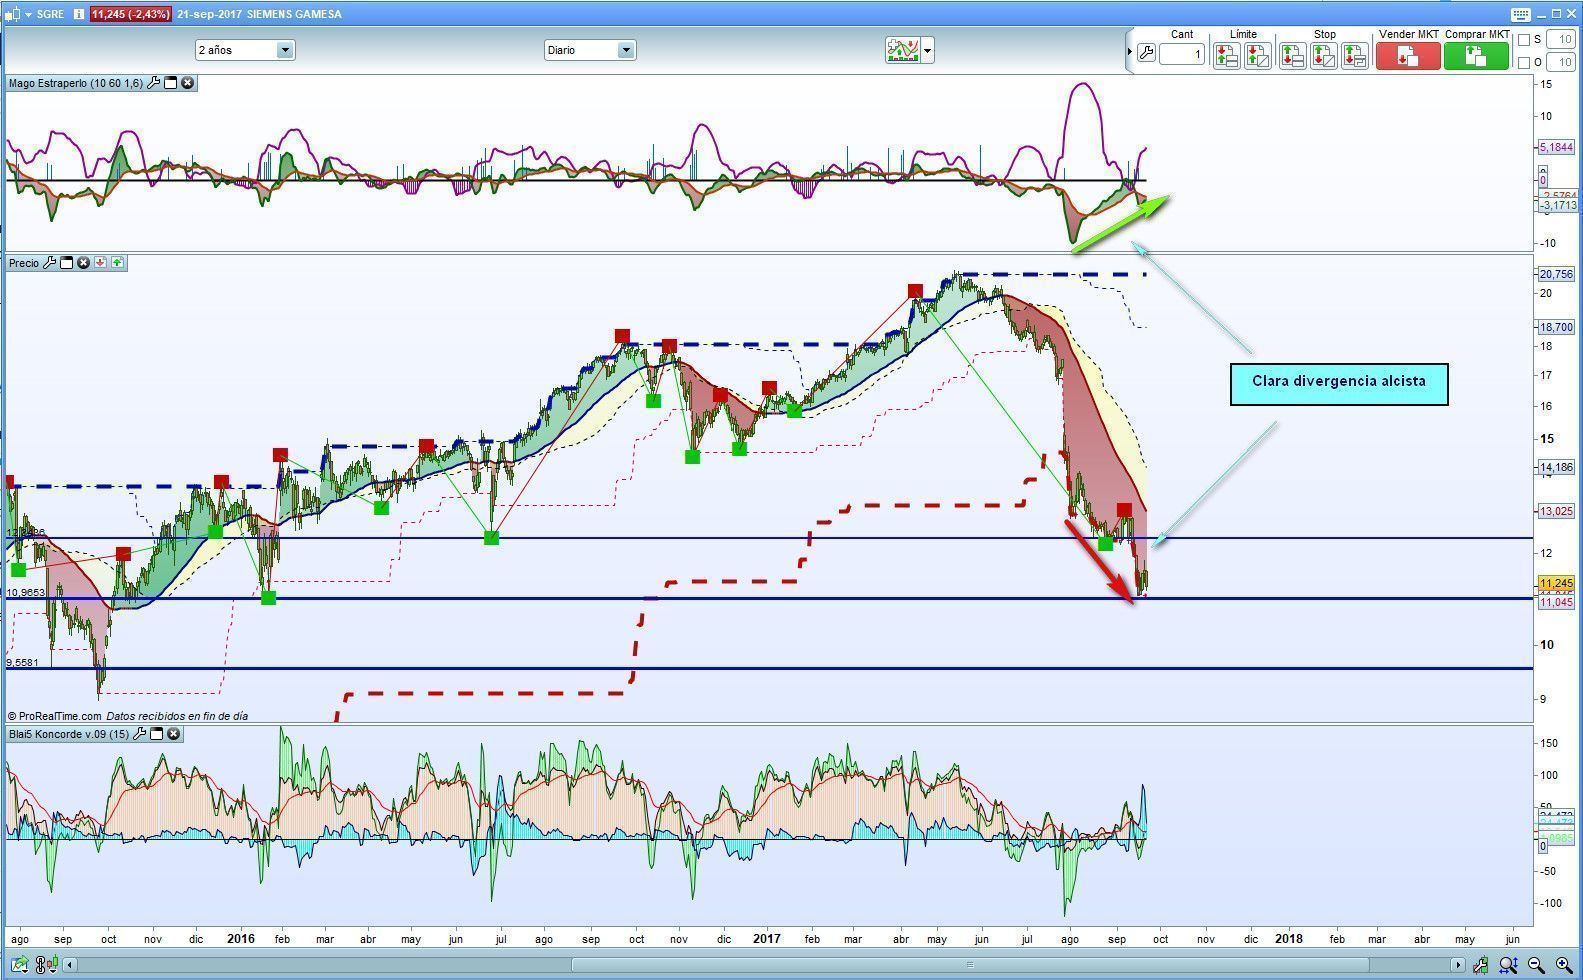 Siemens Gamesa con Divergencia